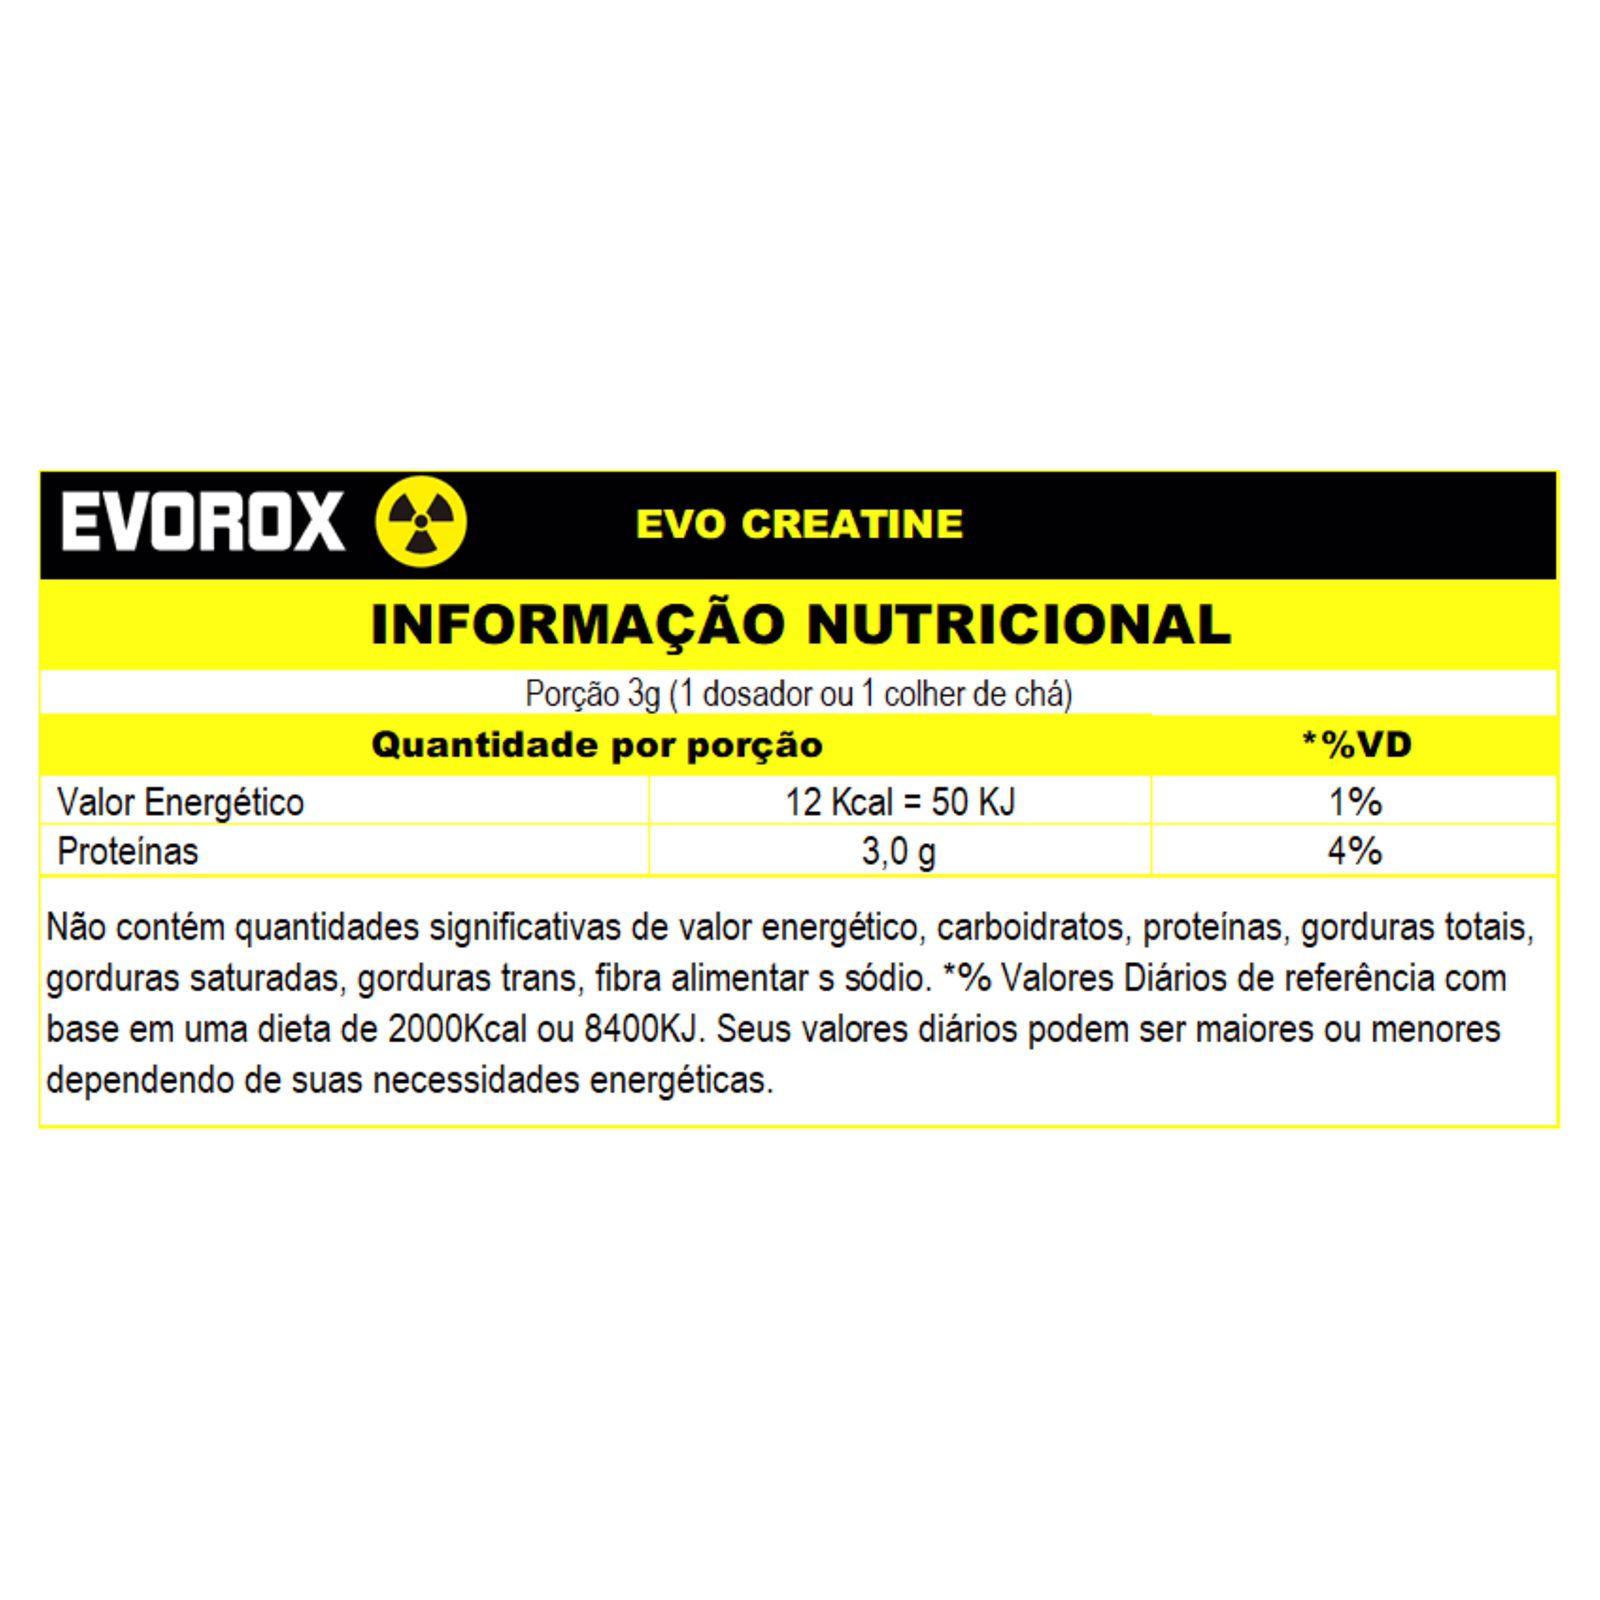 EVO CREATINE ( 100G ) - EVOROX